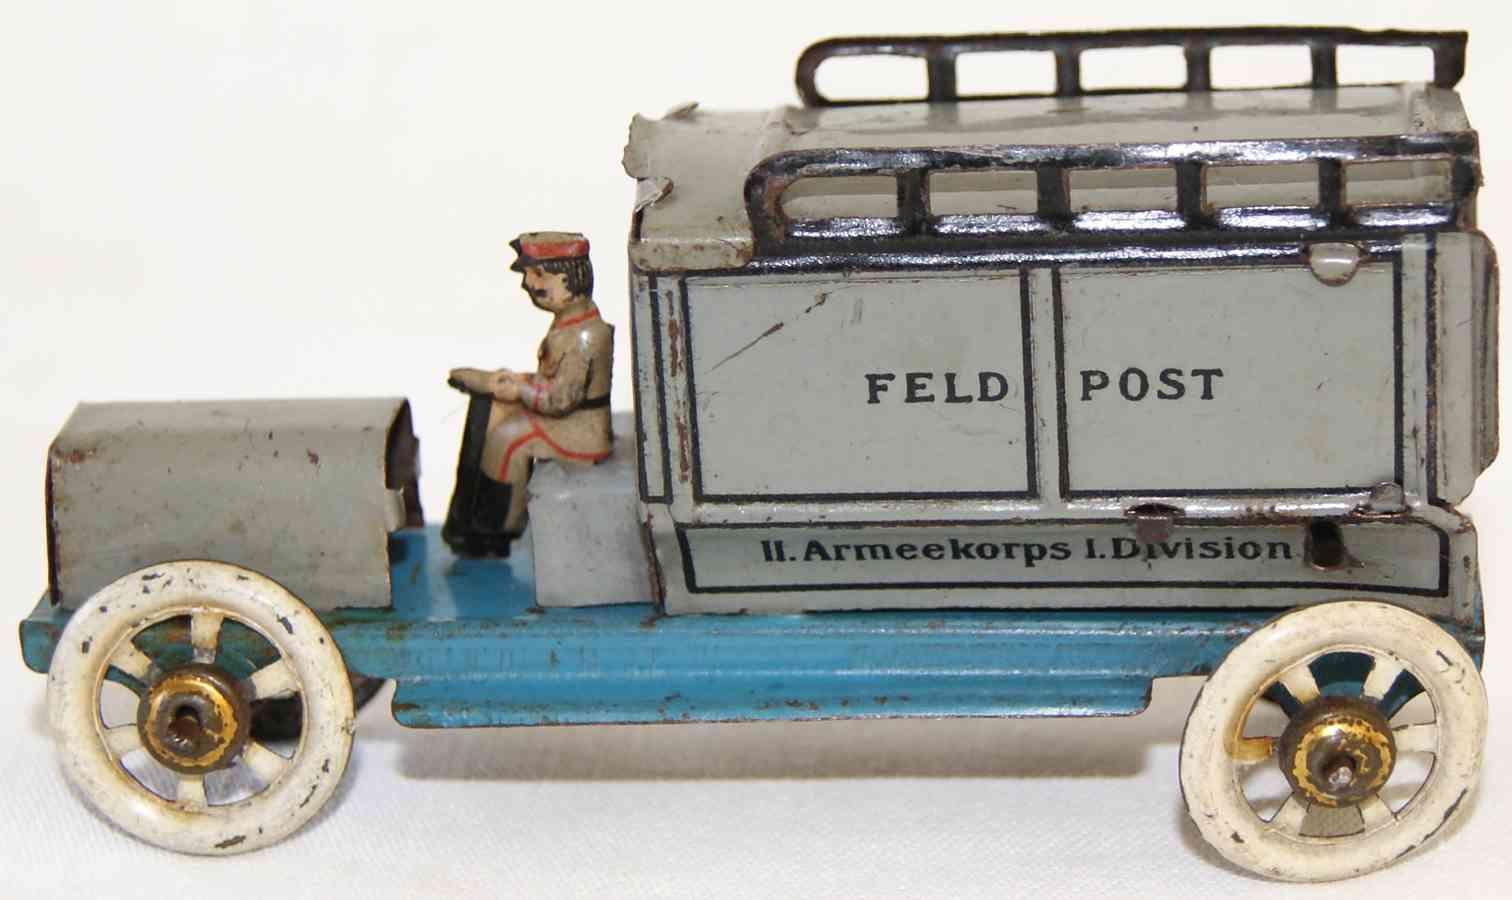 distler johann penny toy postlieferwagen in grau mit fahrer